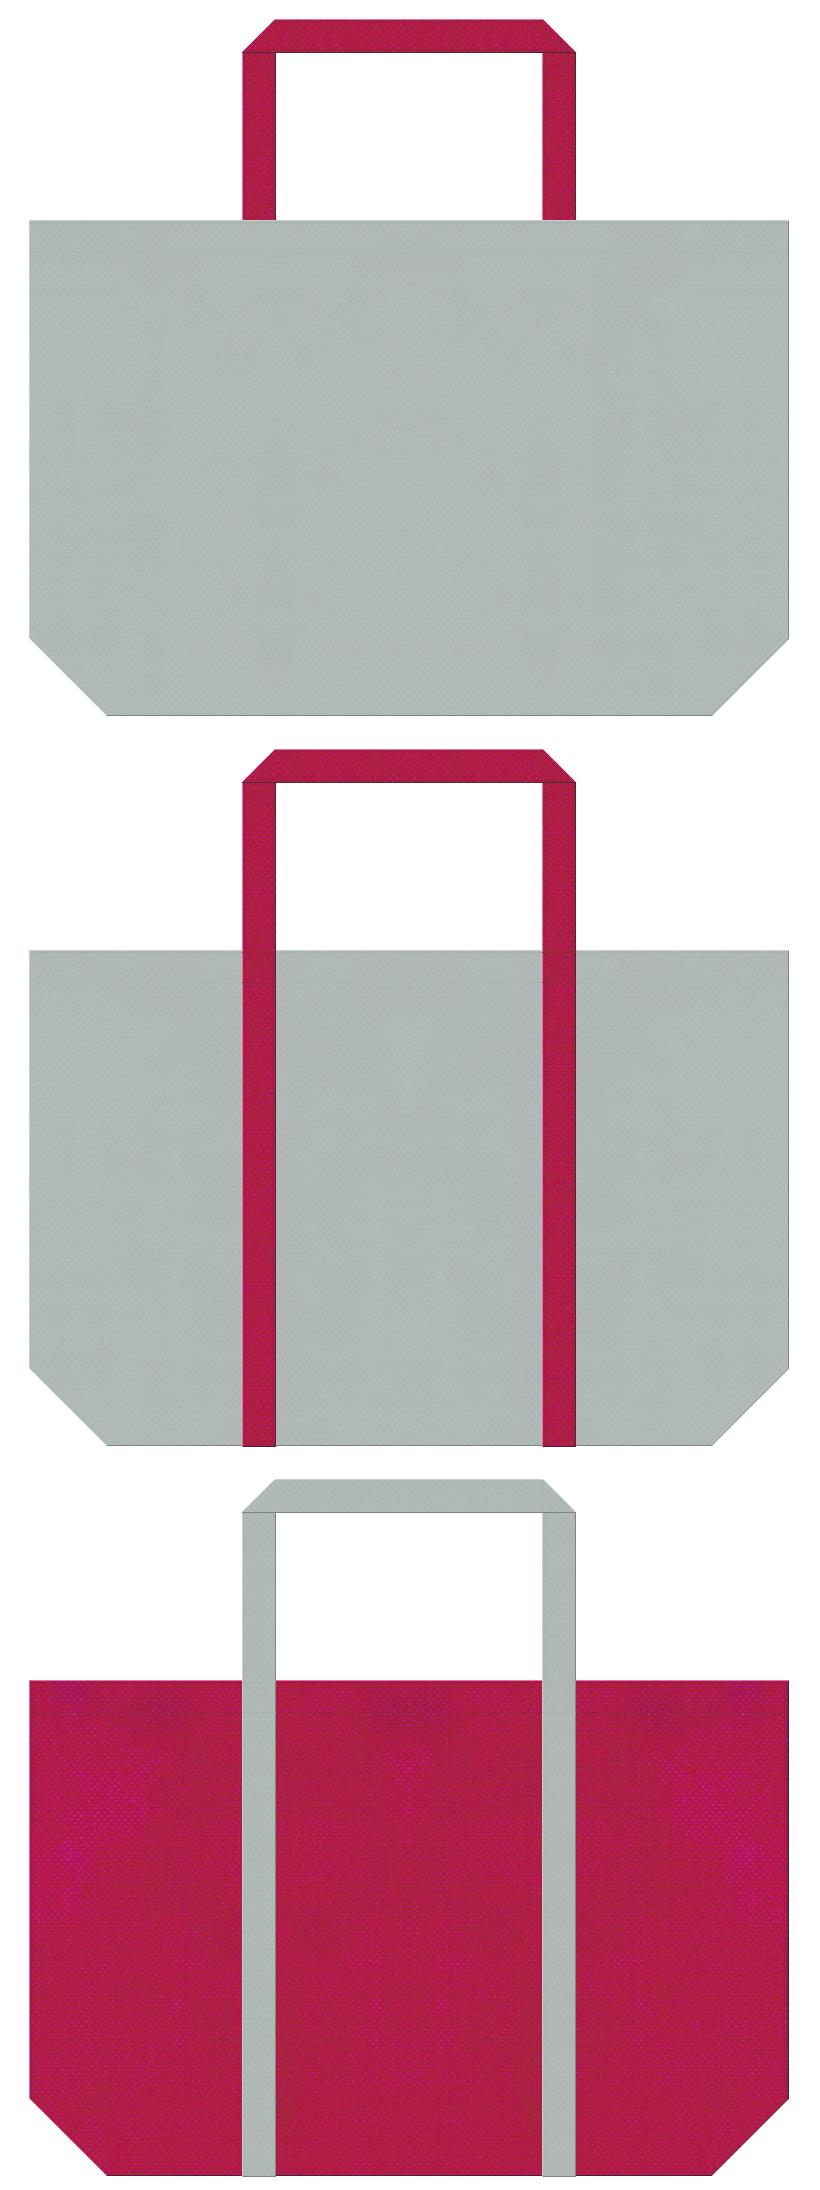 グレー色と濃いピンク色の不織布エコバッグのデザイン。